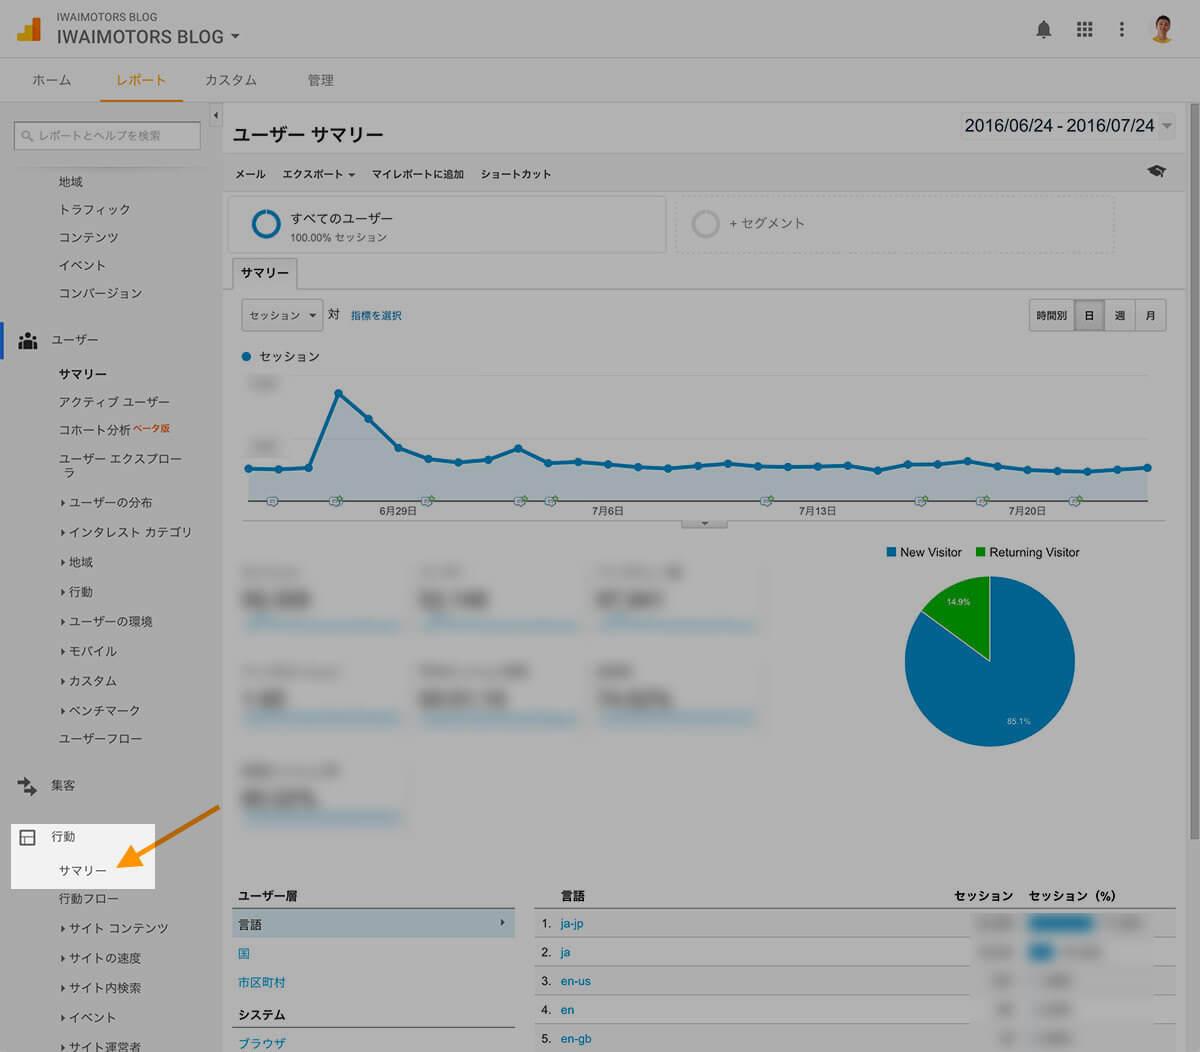 検索キーワードを調べてブログ記事を改善し、PVを増やす方法